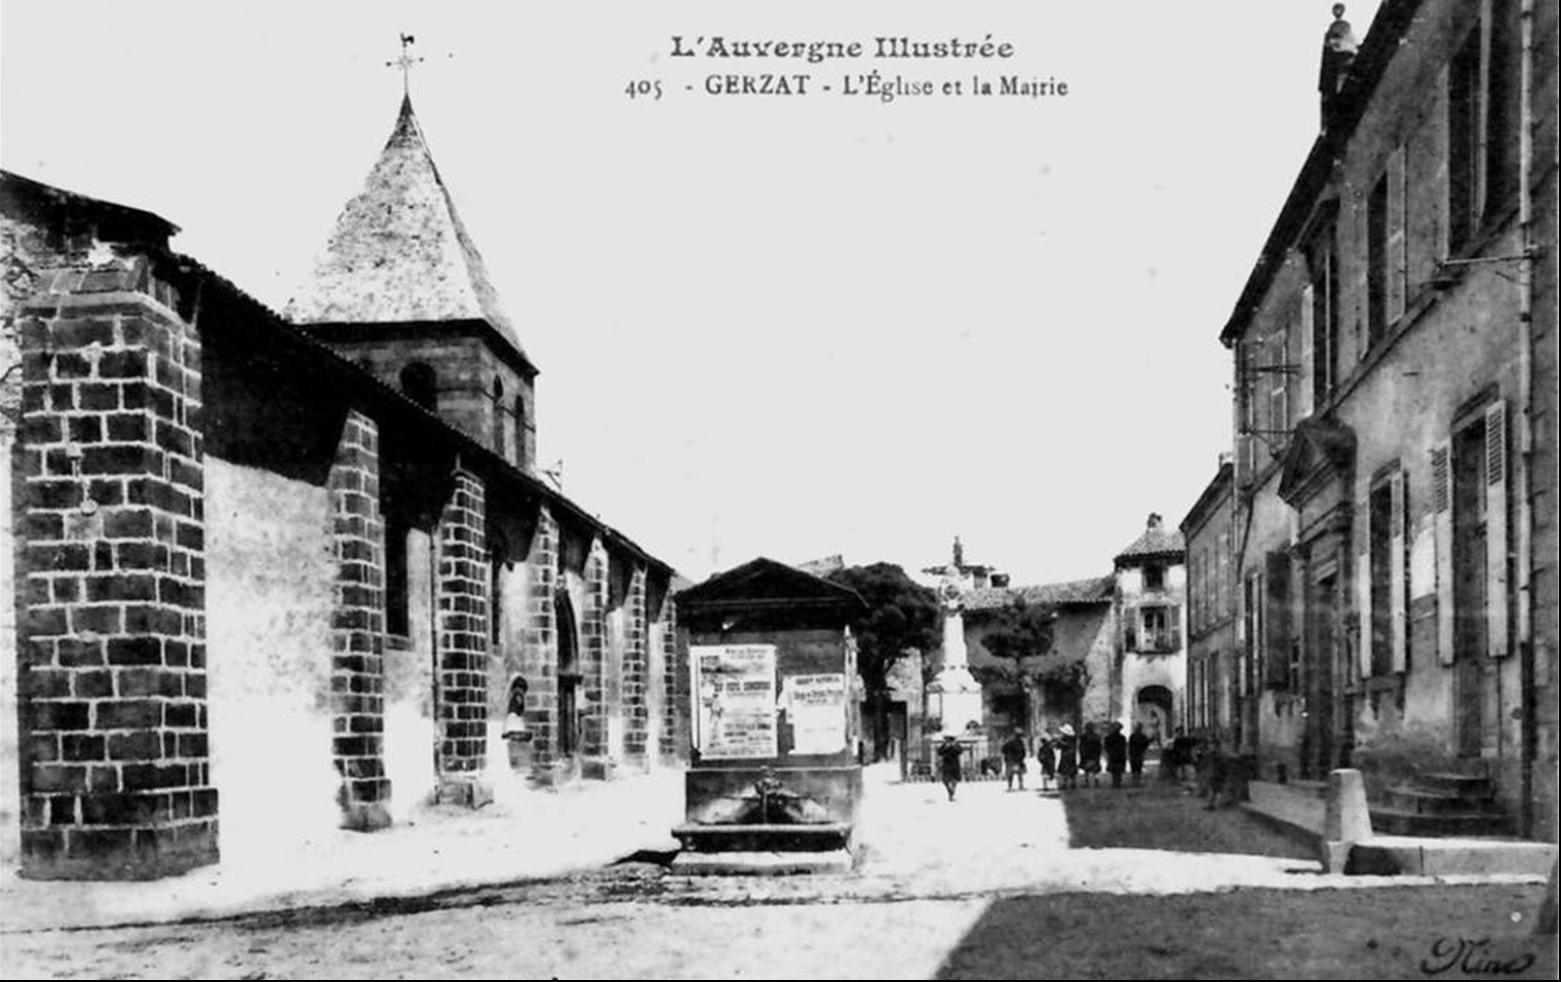 Il était une fois Gerzat dans le Puy de Dome